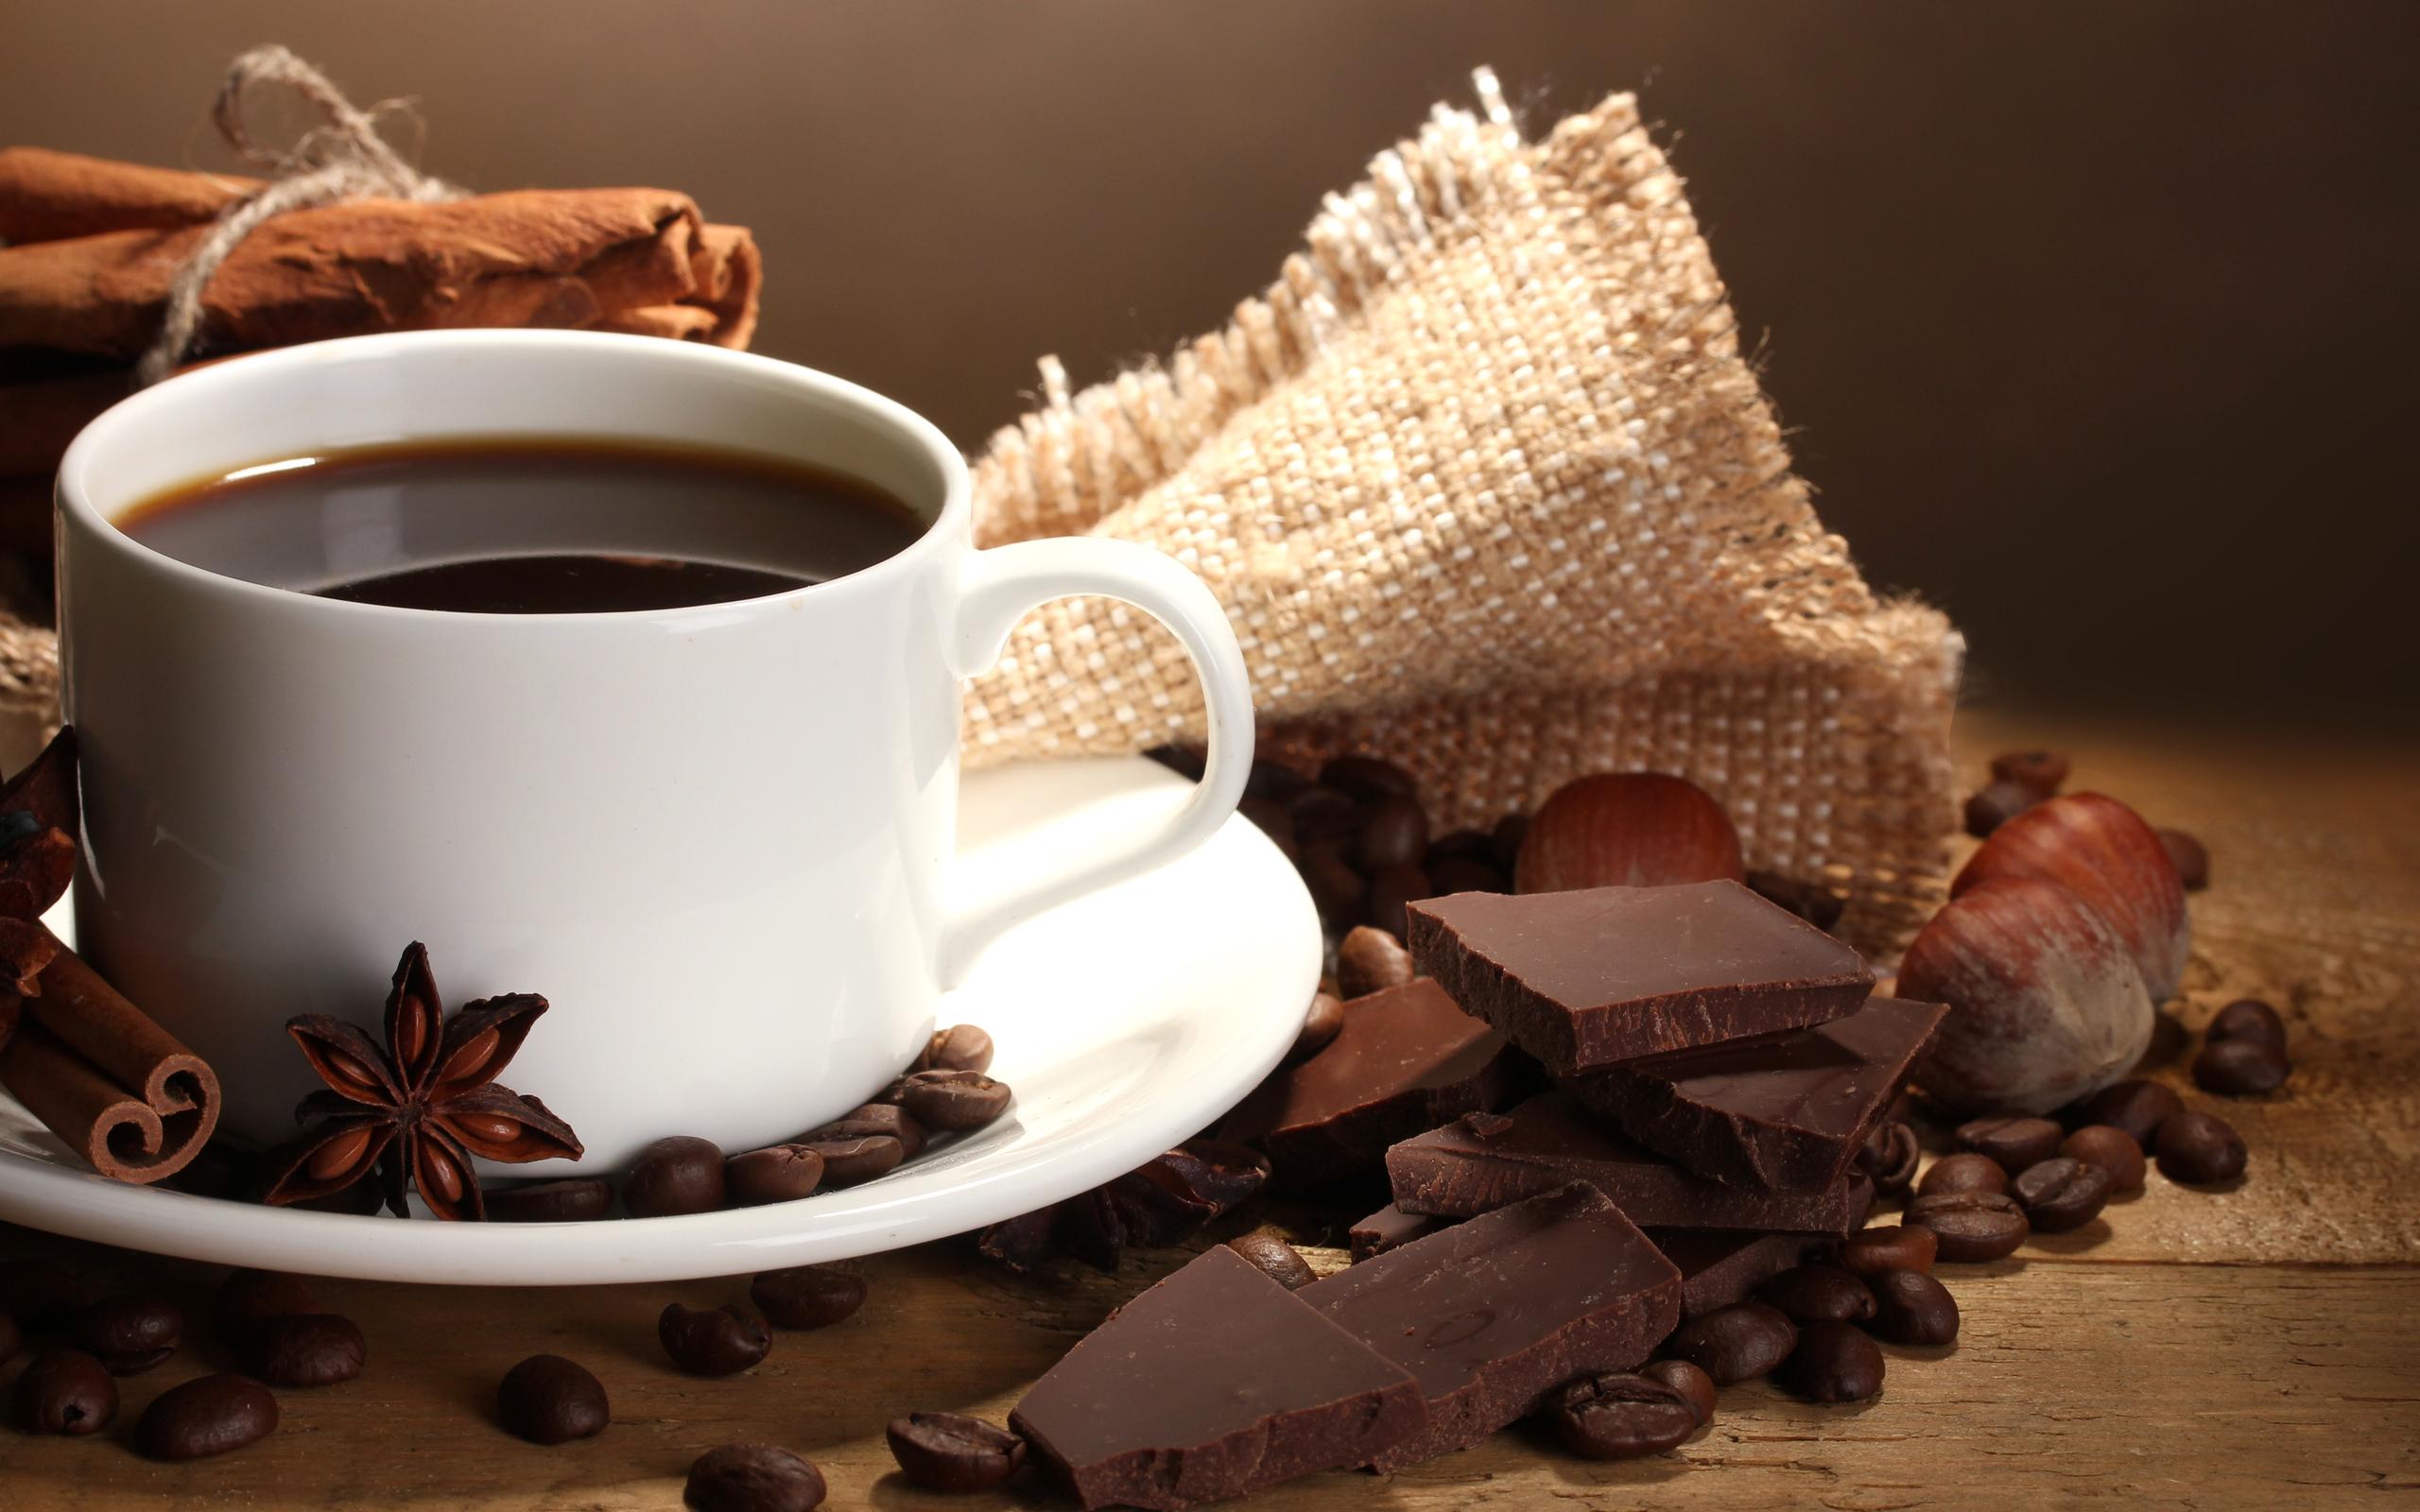 обои на рабочий стол чашка кофе и шоколад № 246711 бесплатно